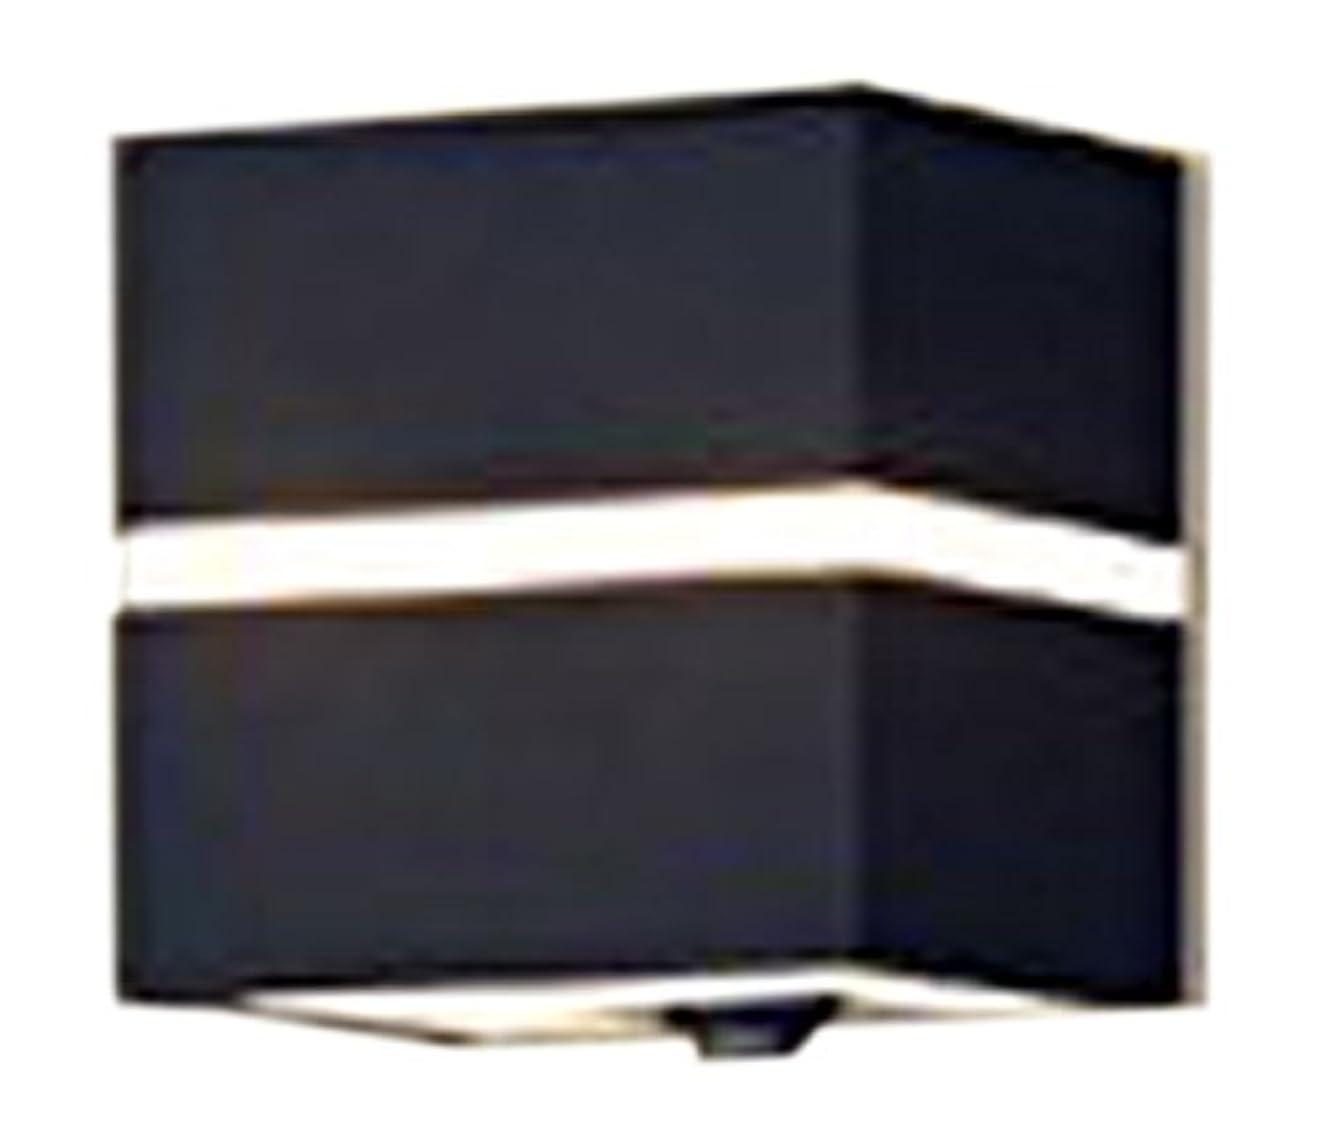 寛大な間違い修士号パナソニック(Panasonic) LEDポーチライトFreePaお出迎えシンプルタイマー(直付タイプ)電球色(オフブラック) LSEWC4020LE1